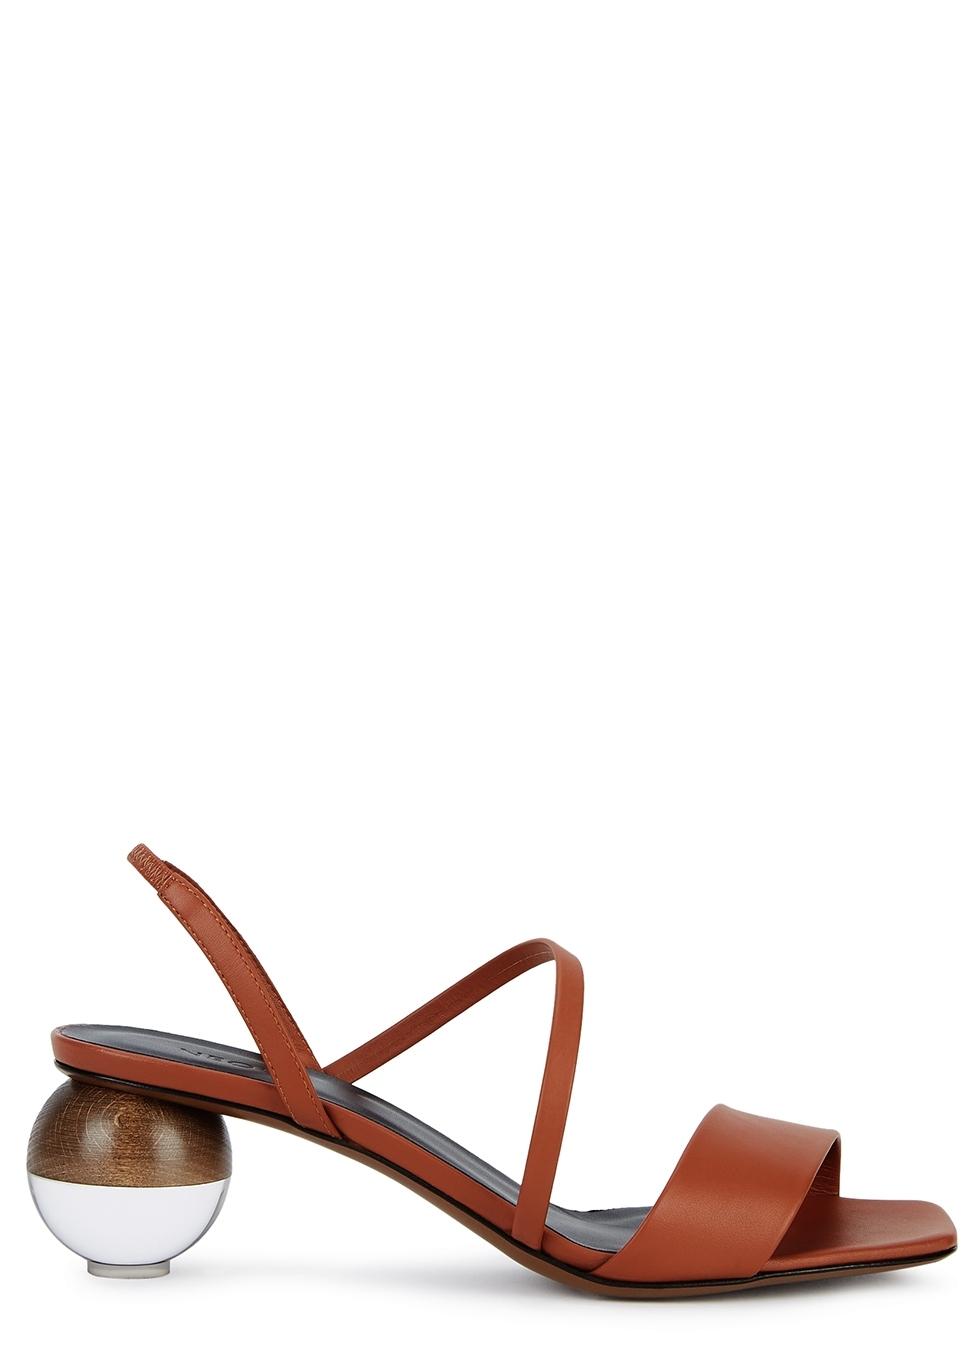 c091584a227a Women s Designer Shoes - Ladies Shoes - Harvey Nichols